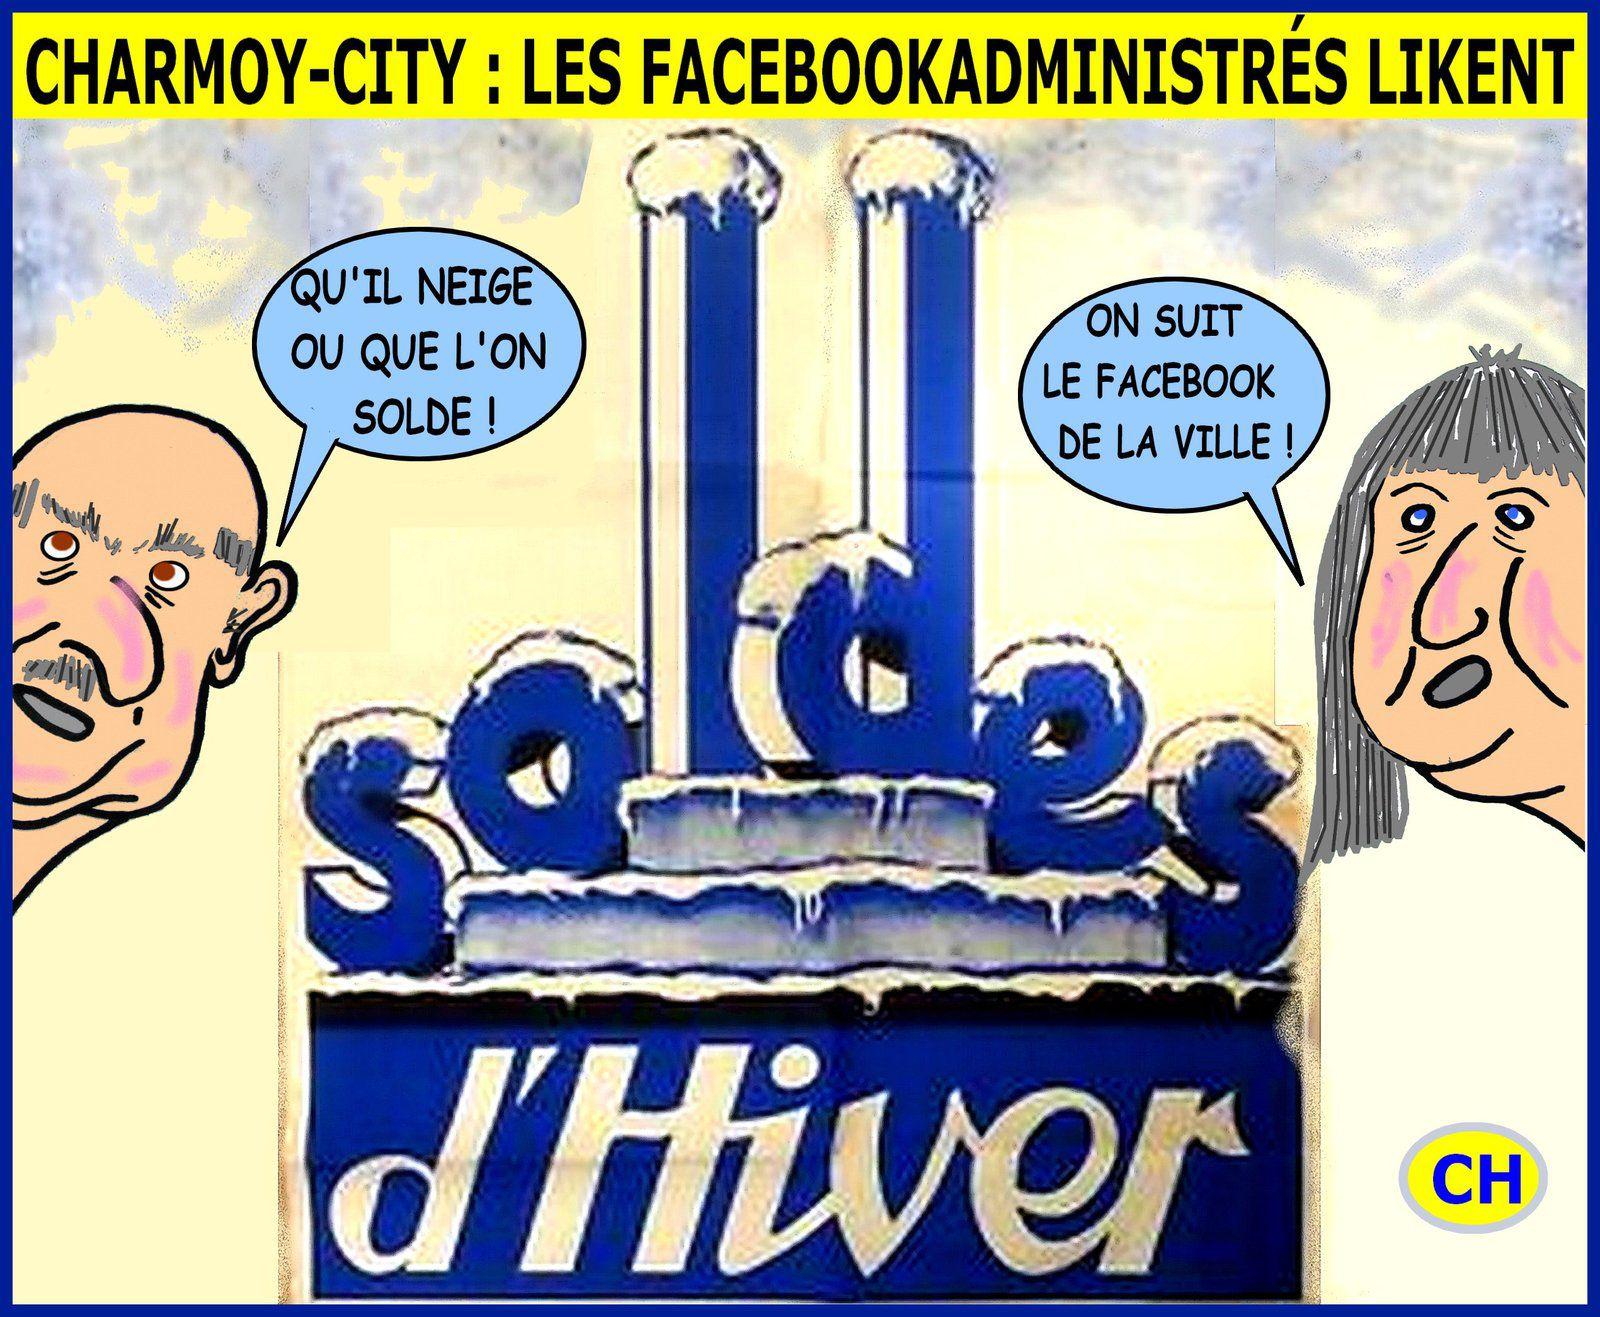 Charmoy-City, les facebookadministrés likent.jpg